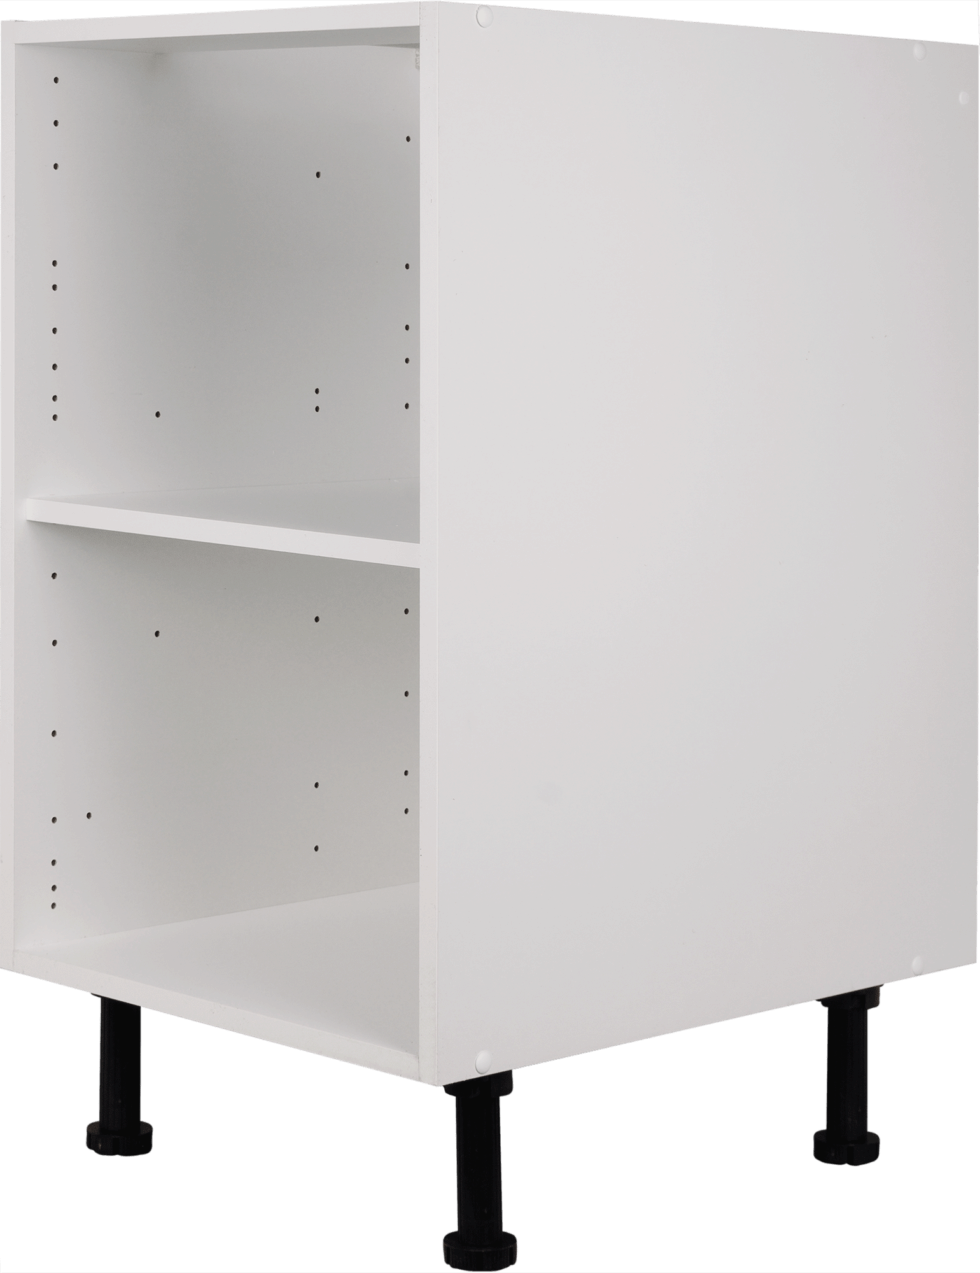 Каркас напольный 45х56х70 см, ЛДСП, цвет белый